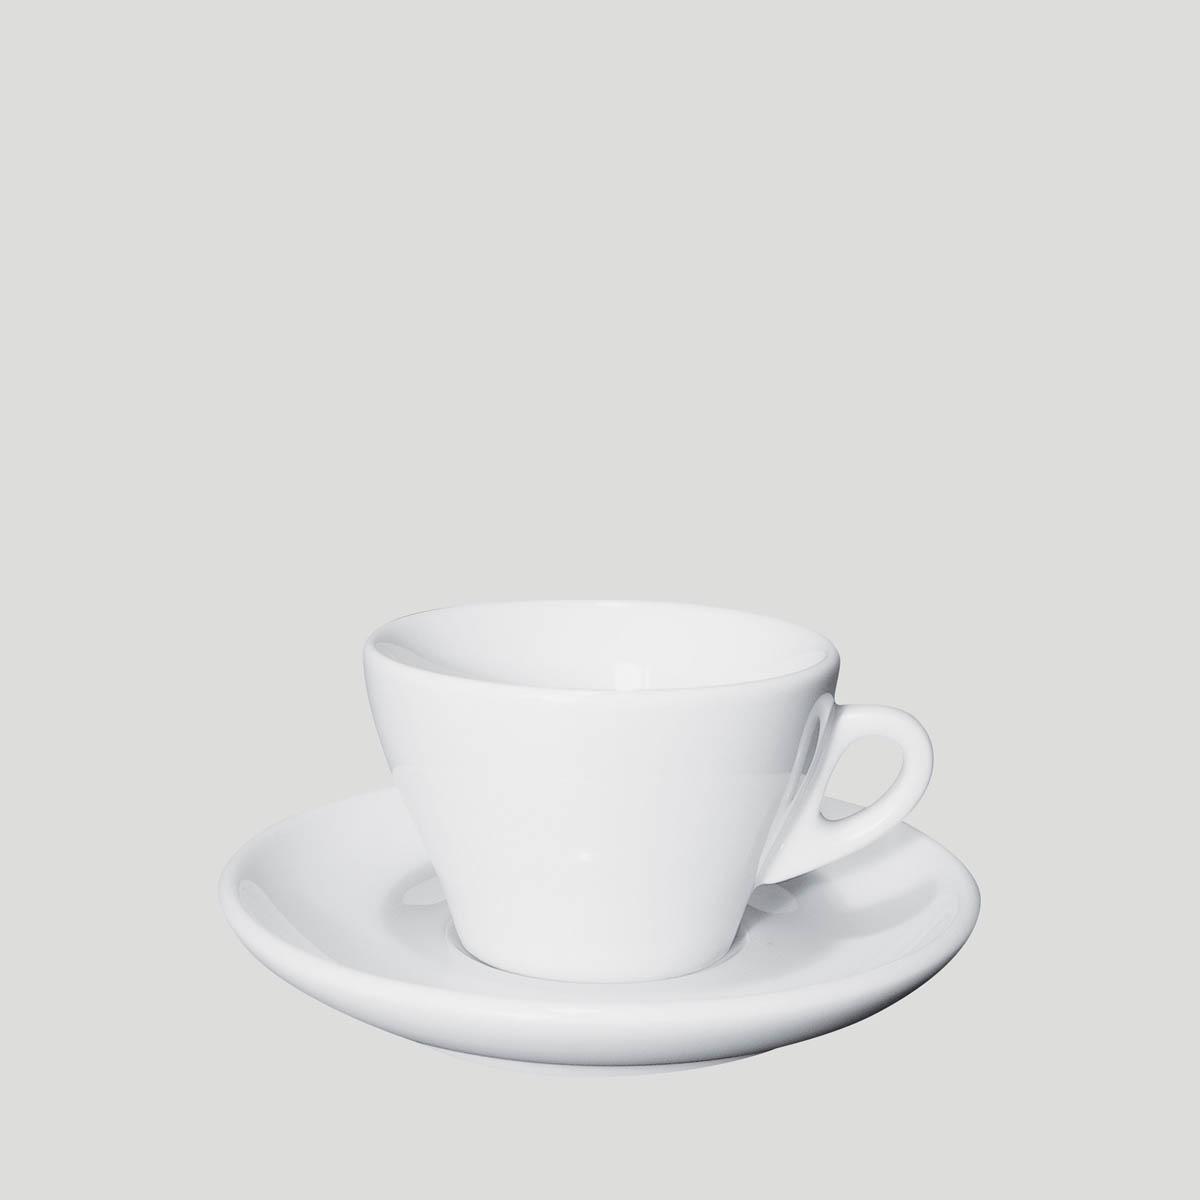 Tazza cioccolata Torino - tazza in porcellana per cioccolata - Gardagel